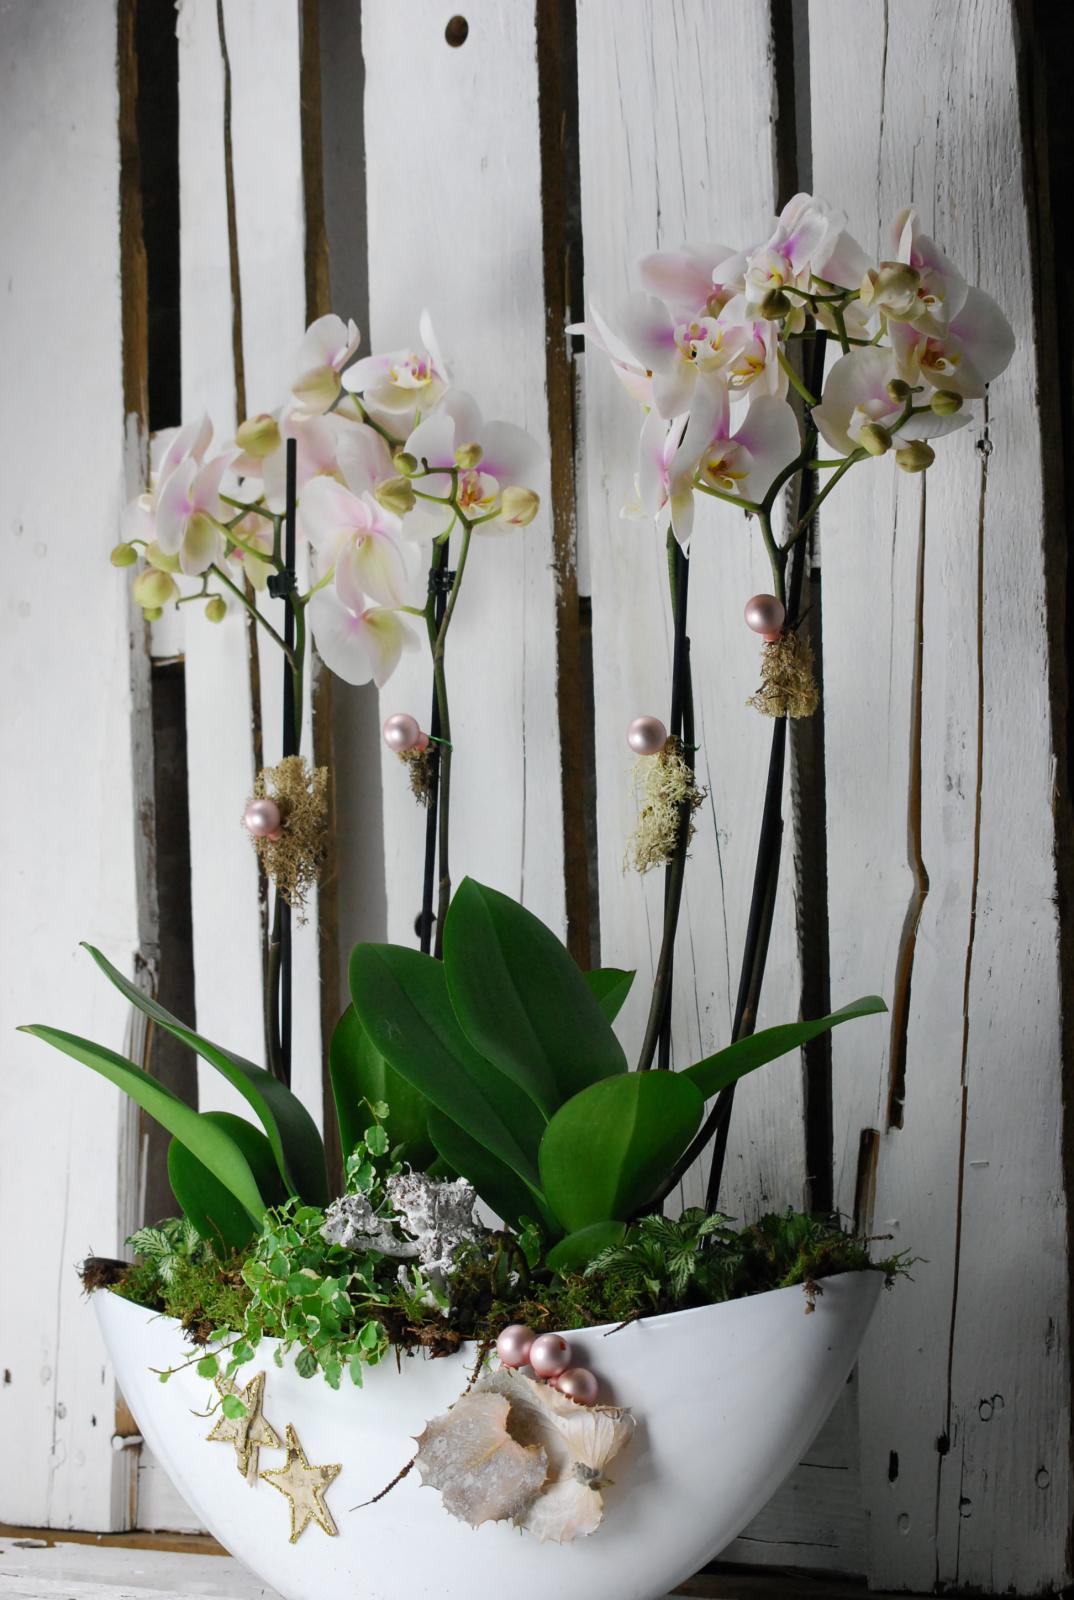 Composición de orquídeas con decoración de hojas secas y liquen